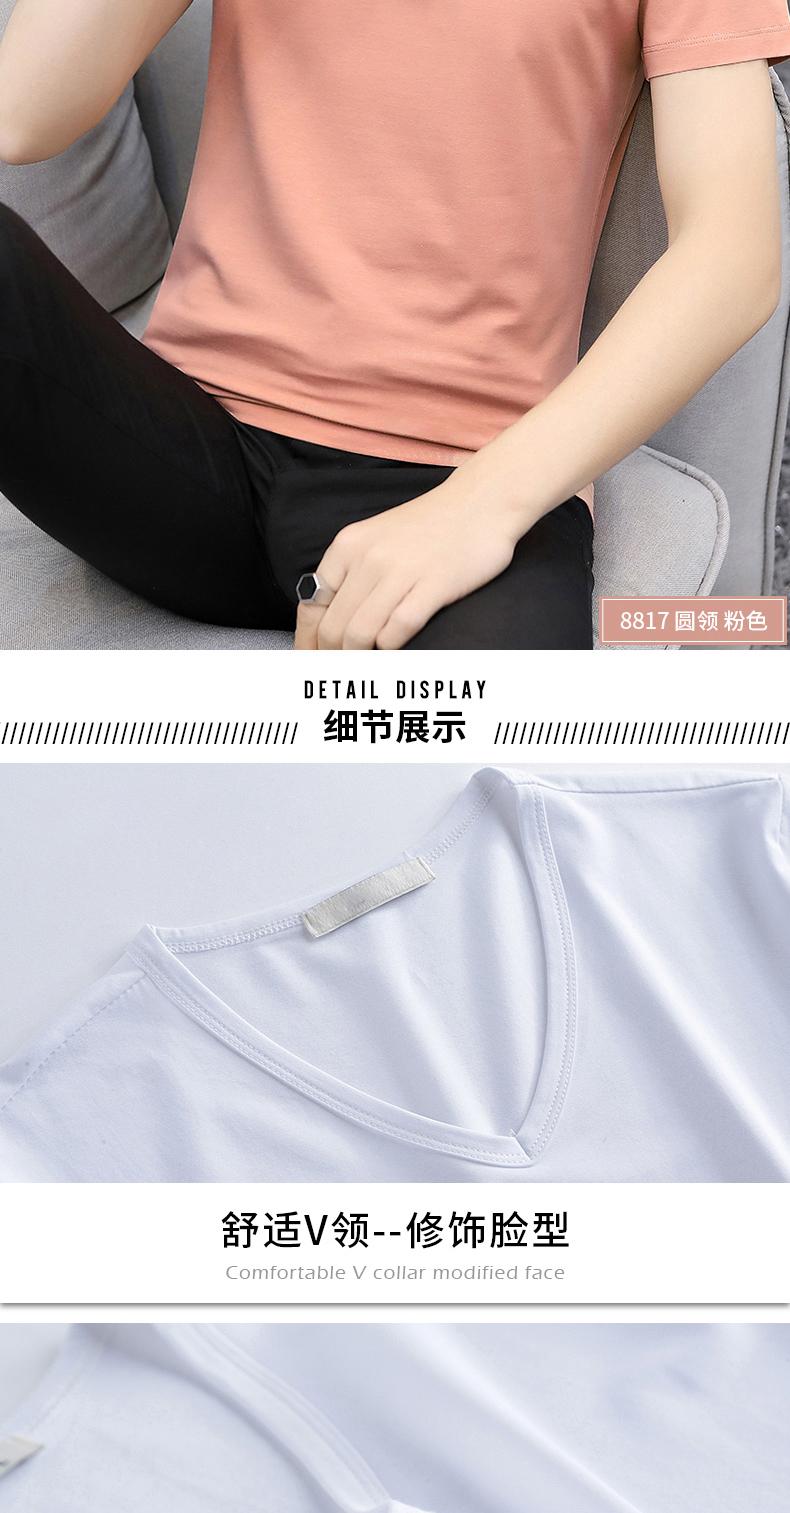 件】莫代尔男士短袖恤领纯色灰色潮流修身冰丝半袖紧身丅恤衫详细照片